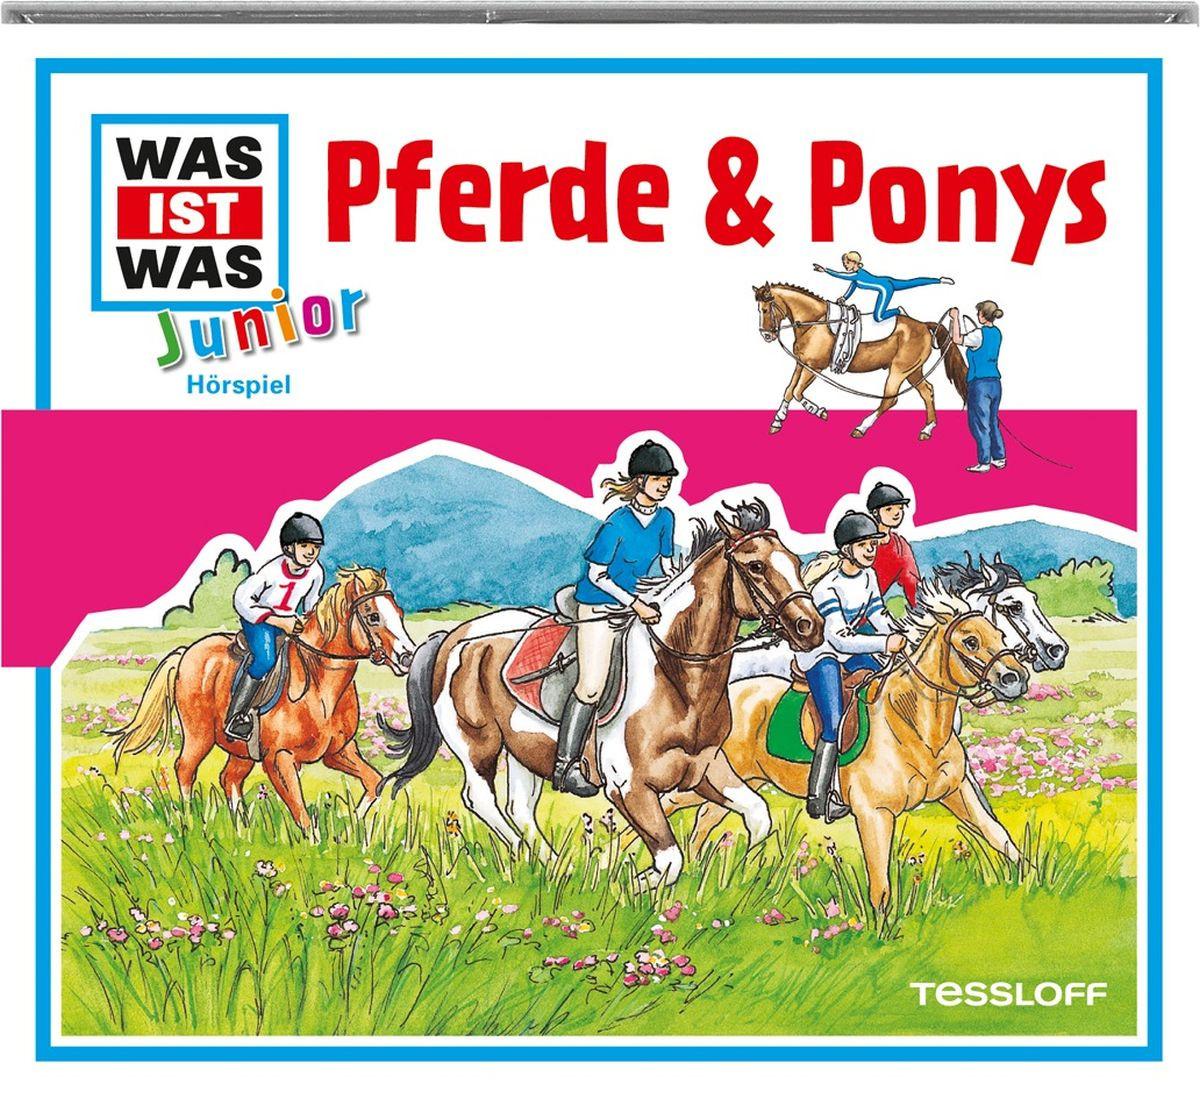 WAS IST WAS Junior Hörspiel-CD: Pferde & Ponys